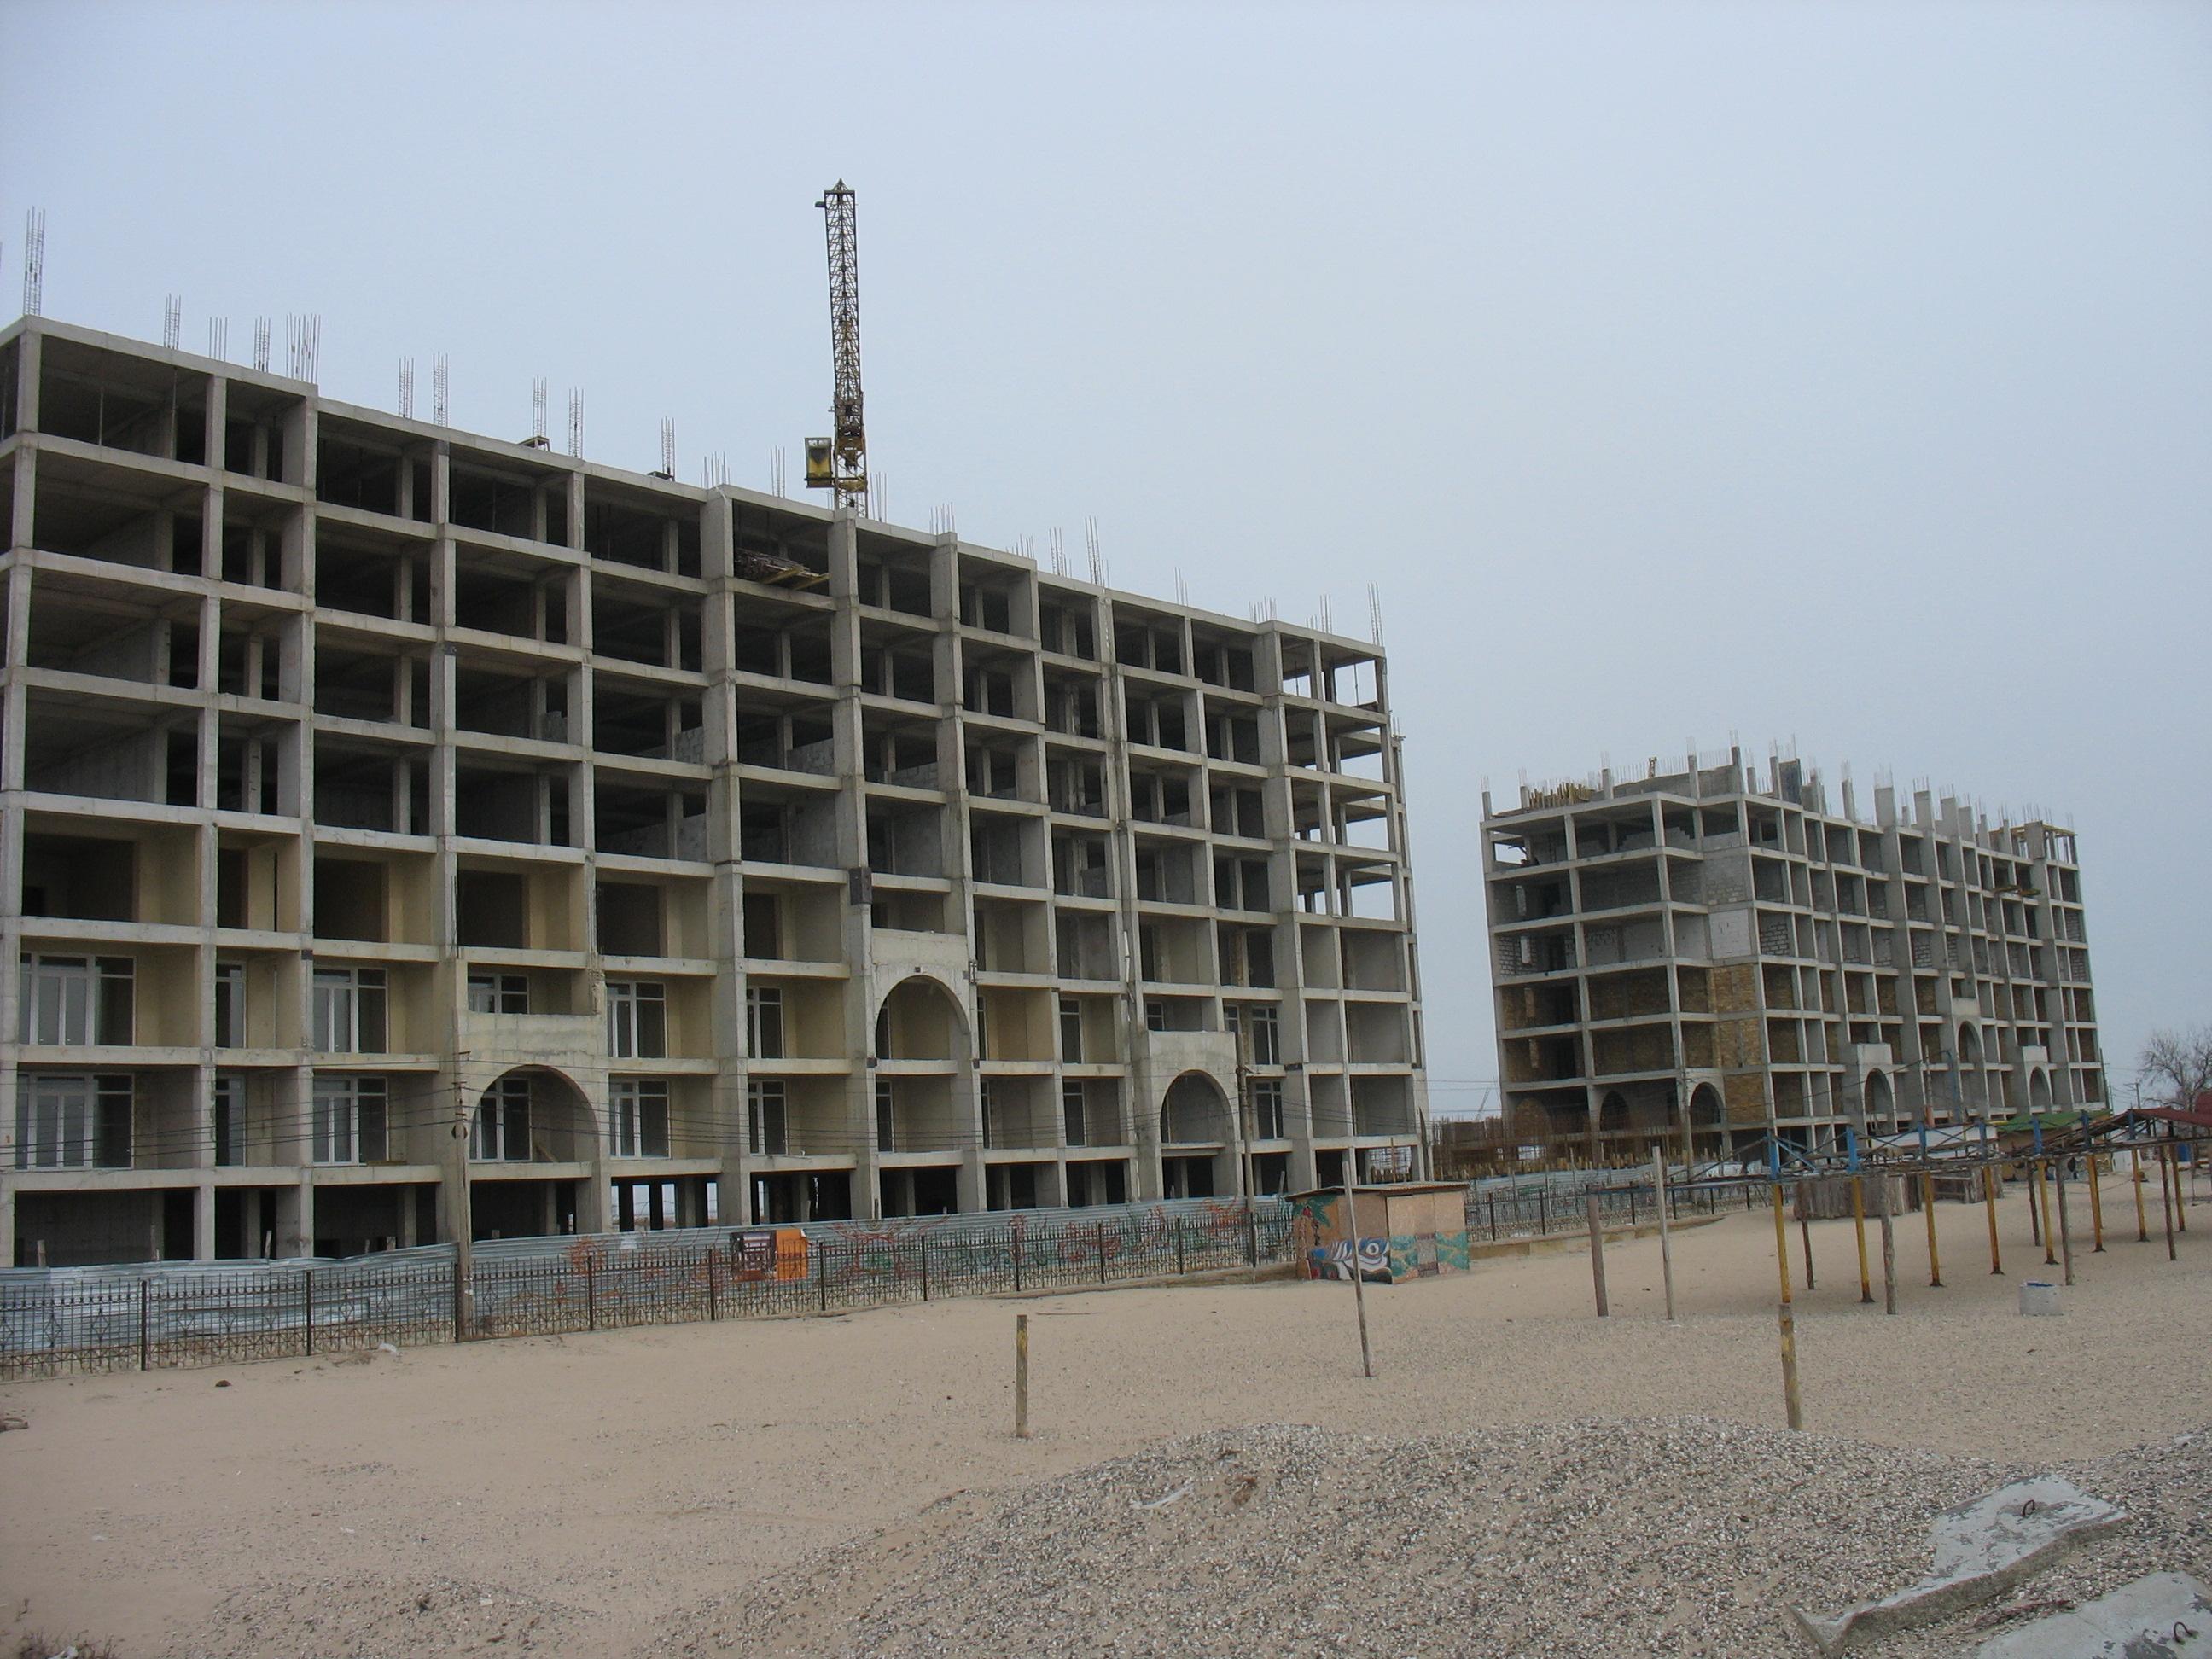 Рост строительства жилья отмечается в Акмолинской области, рост, строительство, жилье, Акмолинская область